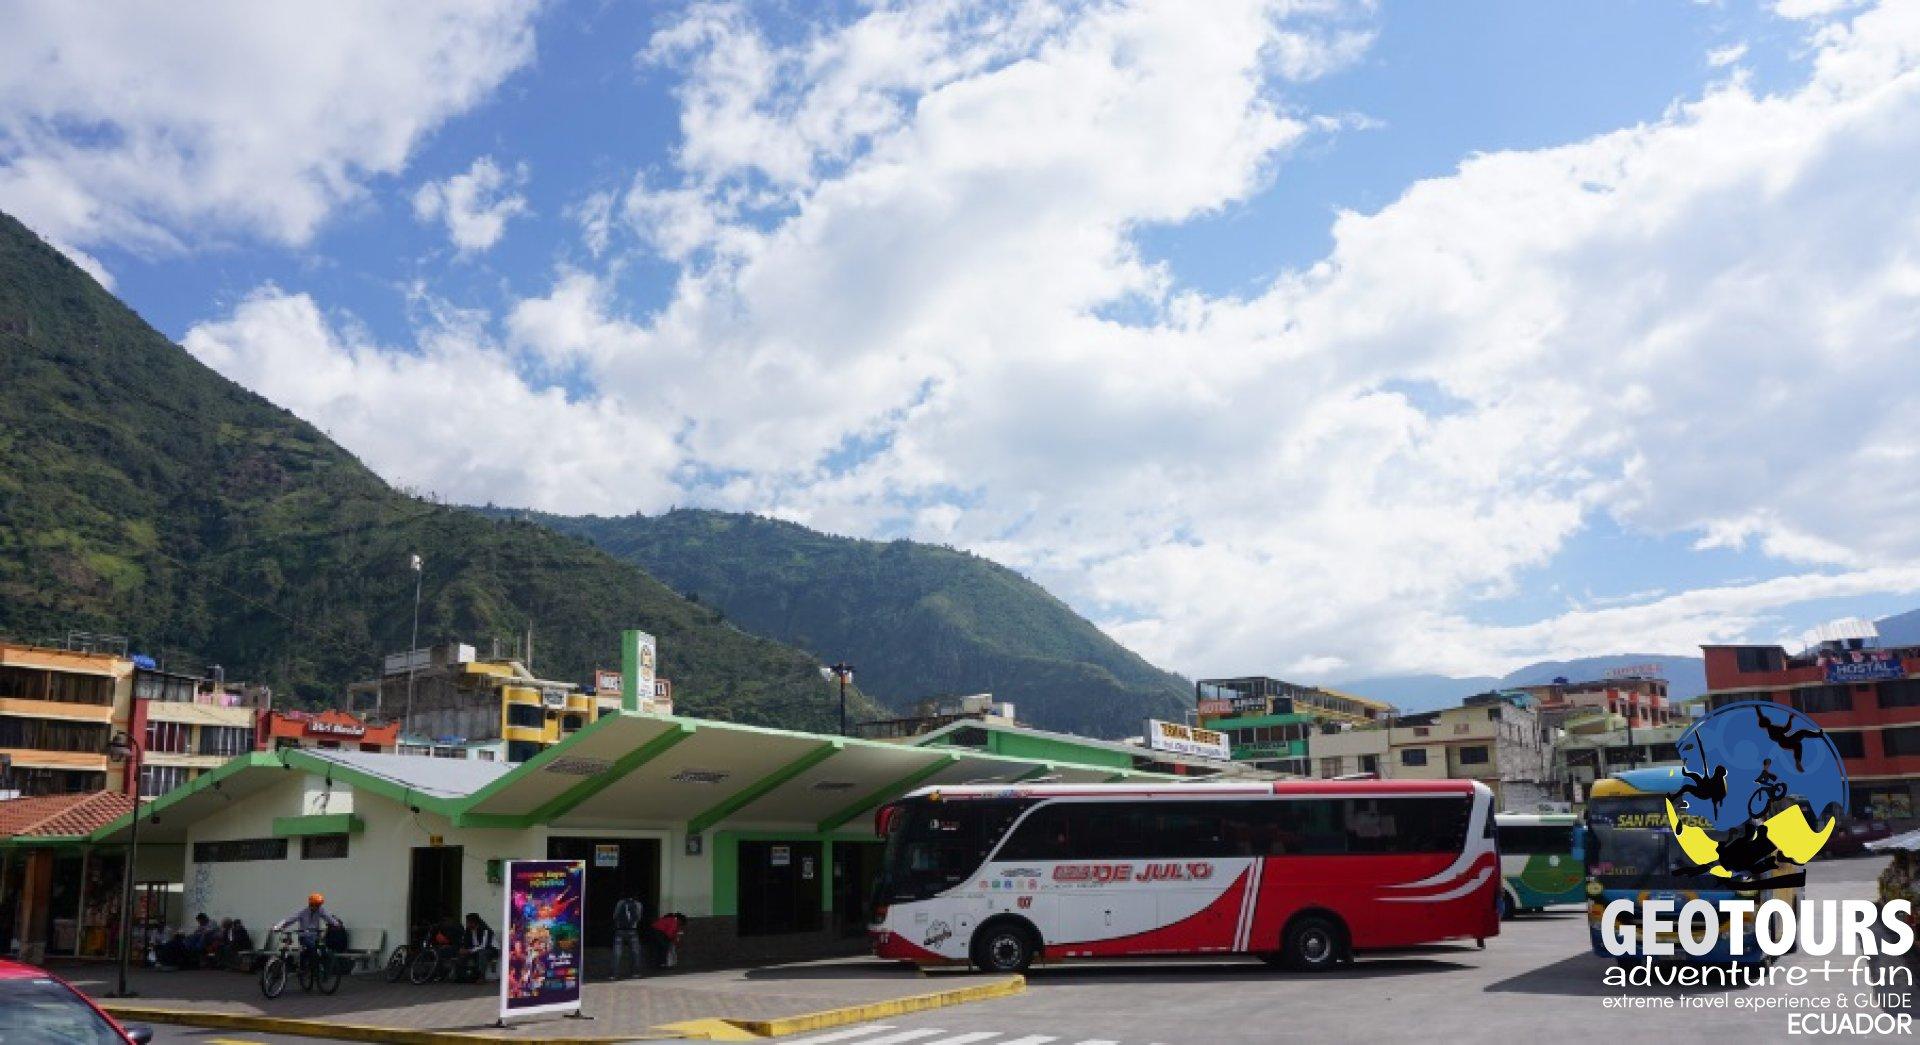 Bus schedules from Baños, Ecuador